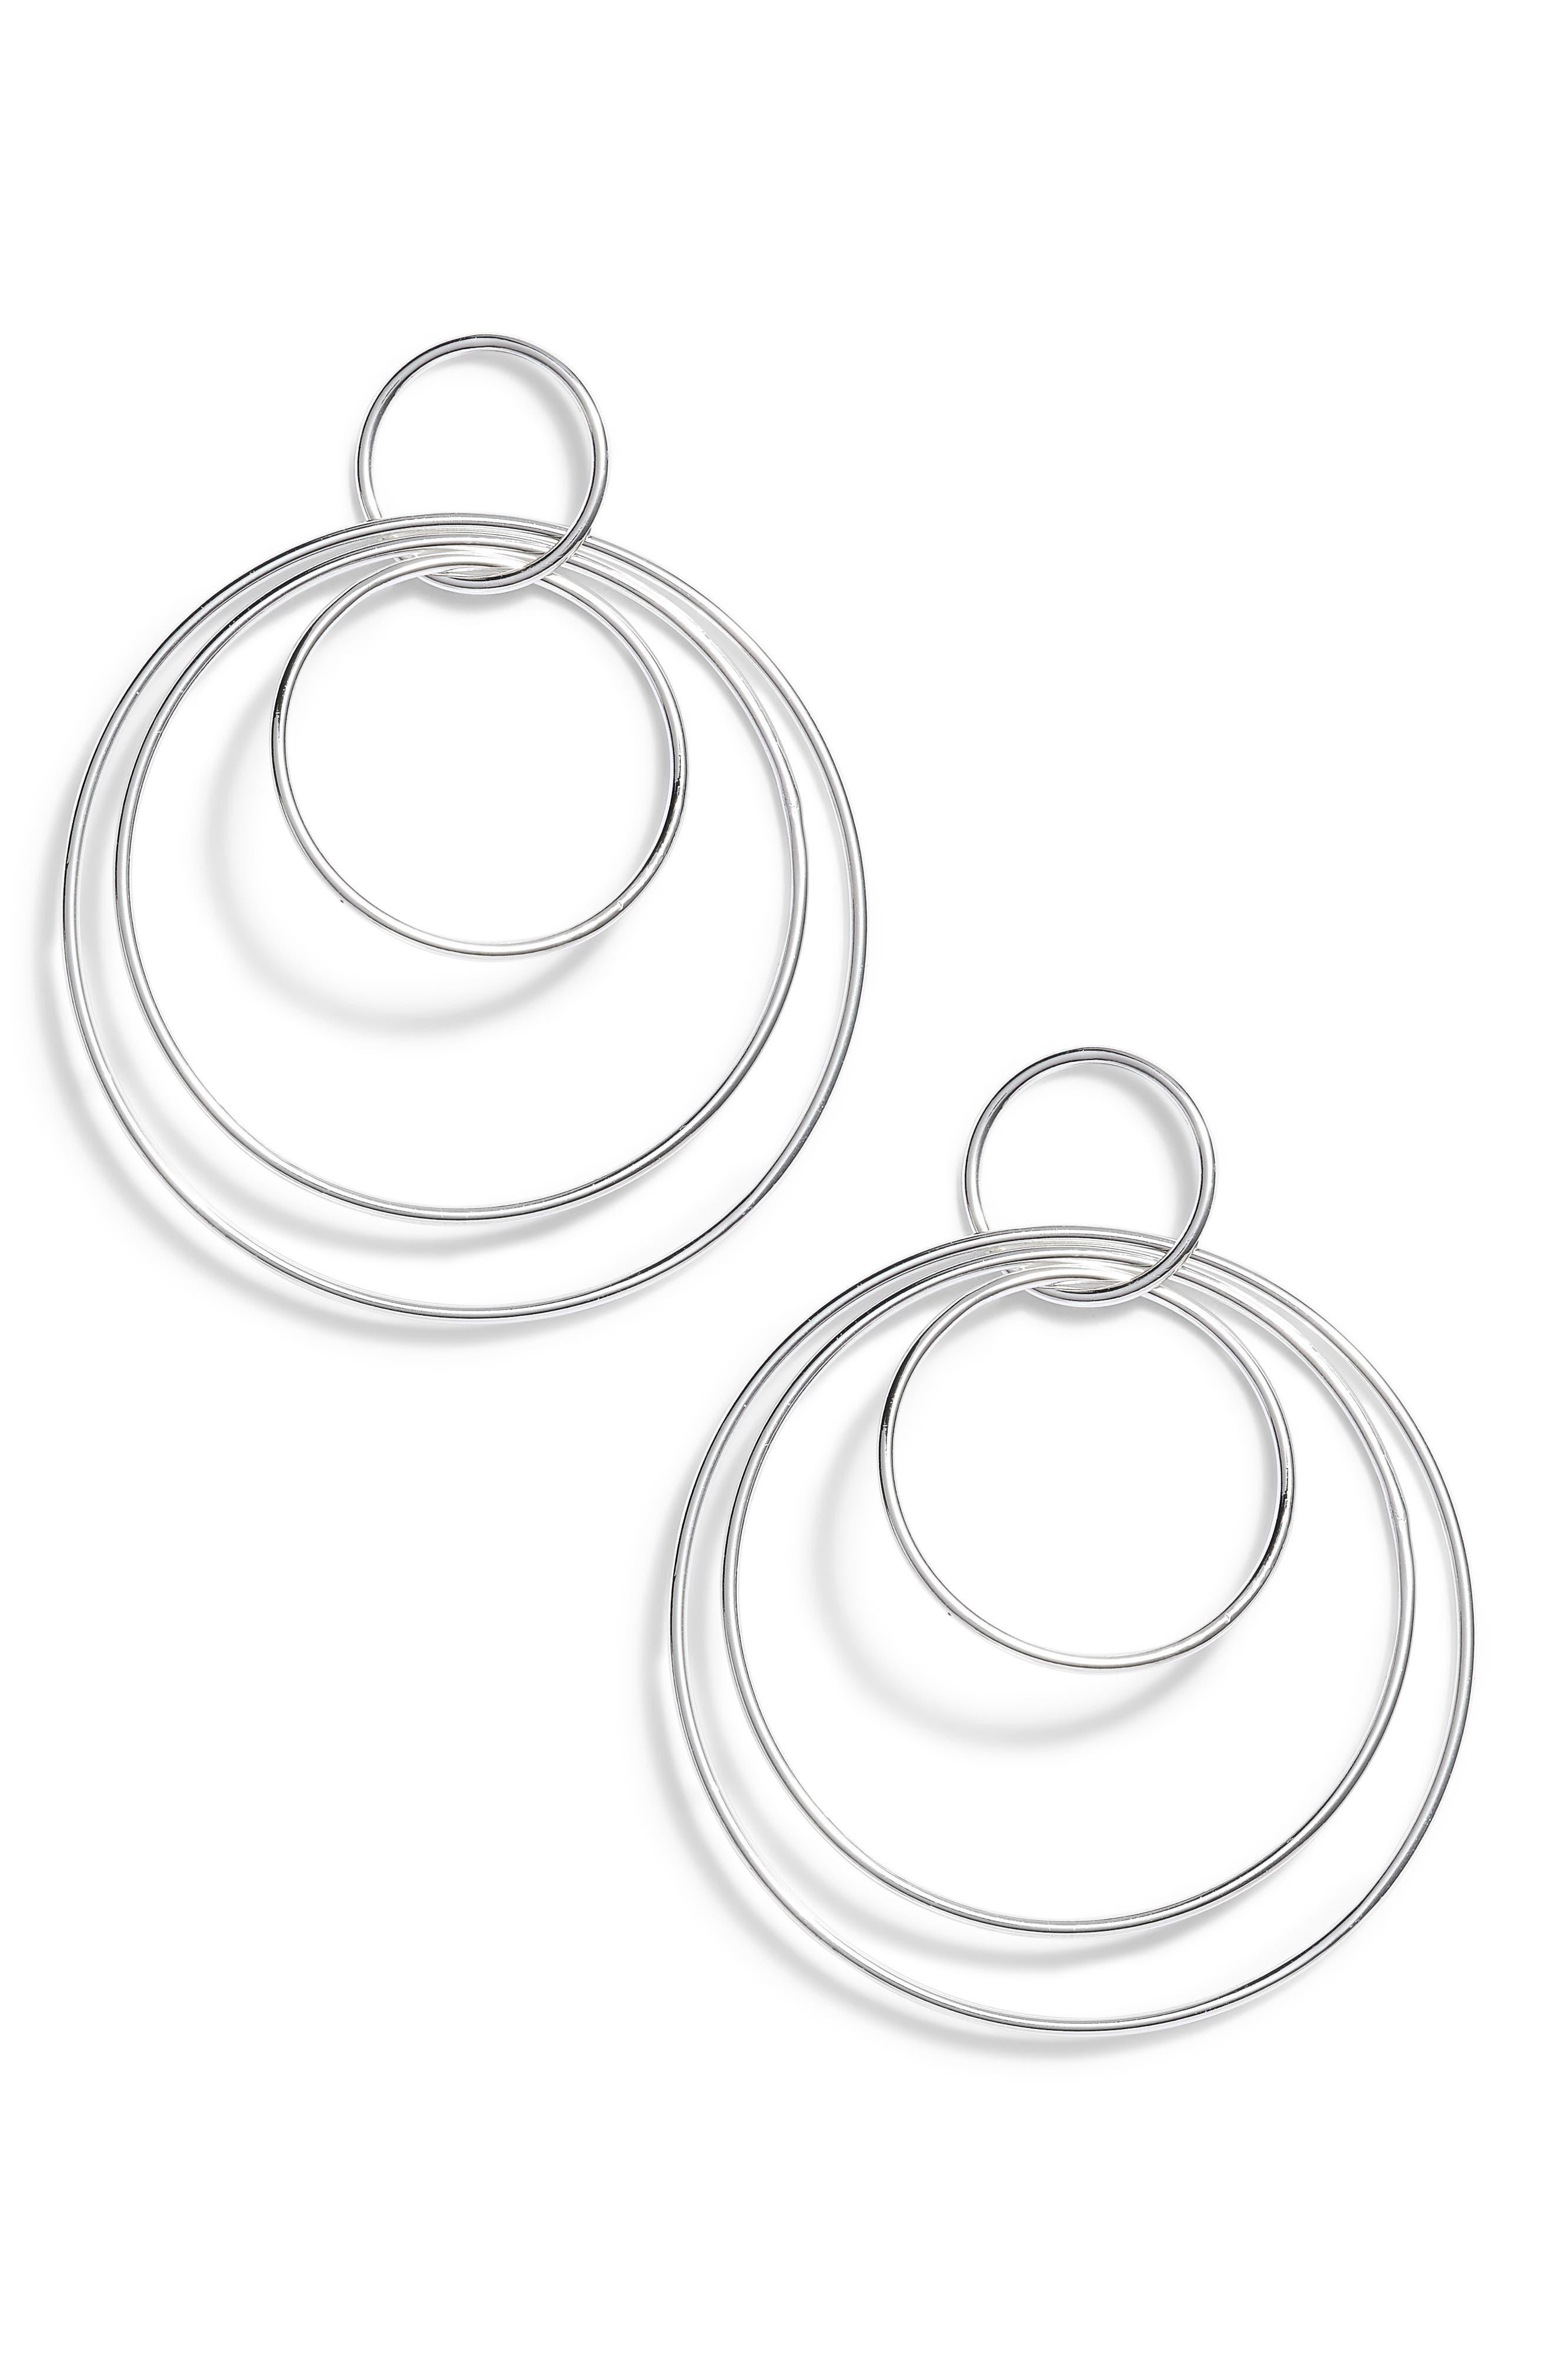 Wilshire Earrings,                             Main thumbnail 1, color,                             040